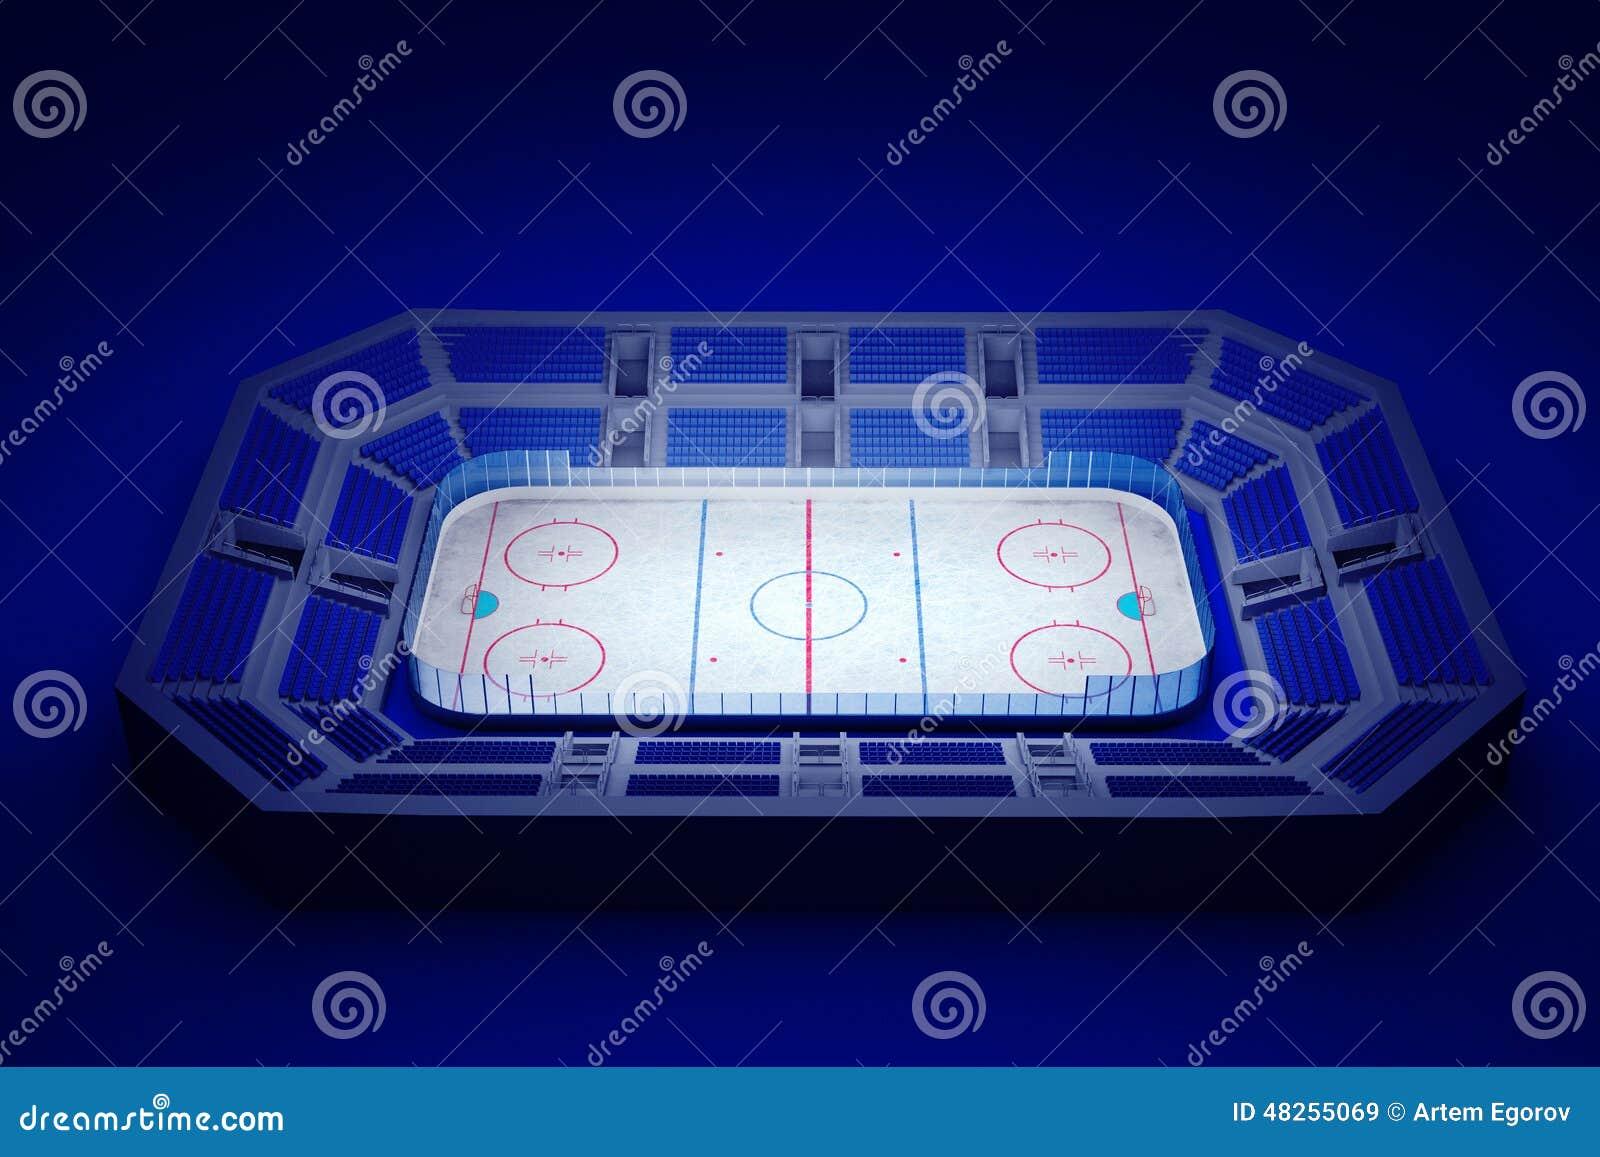 冰球竞技场